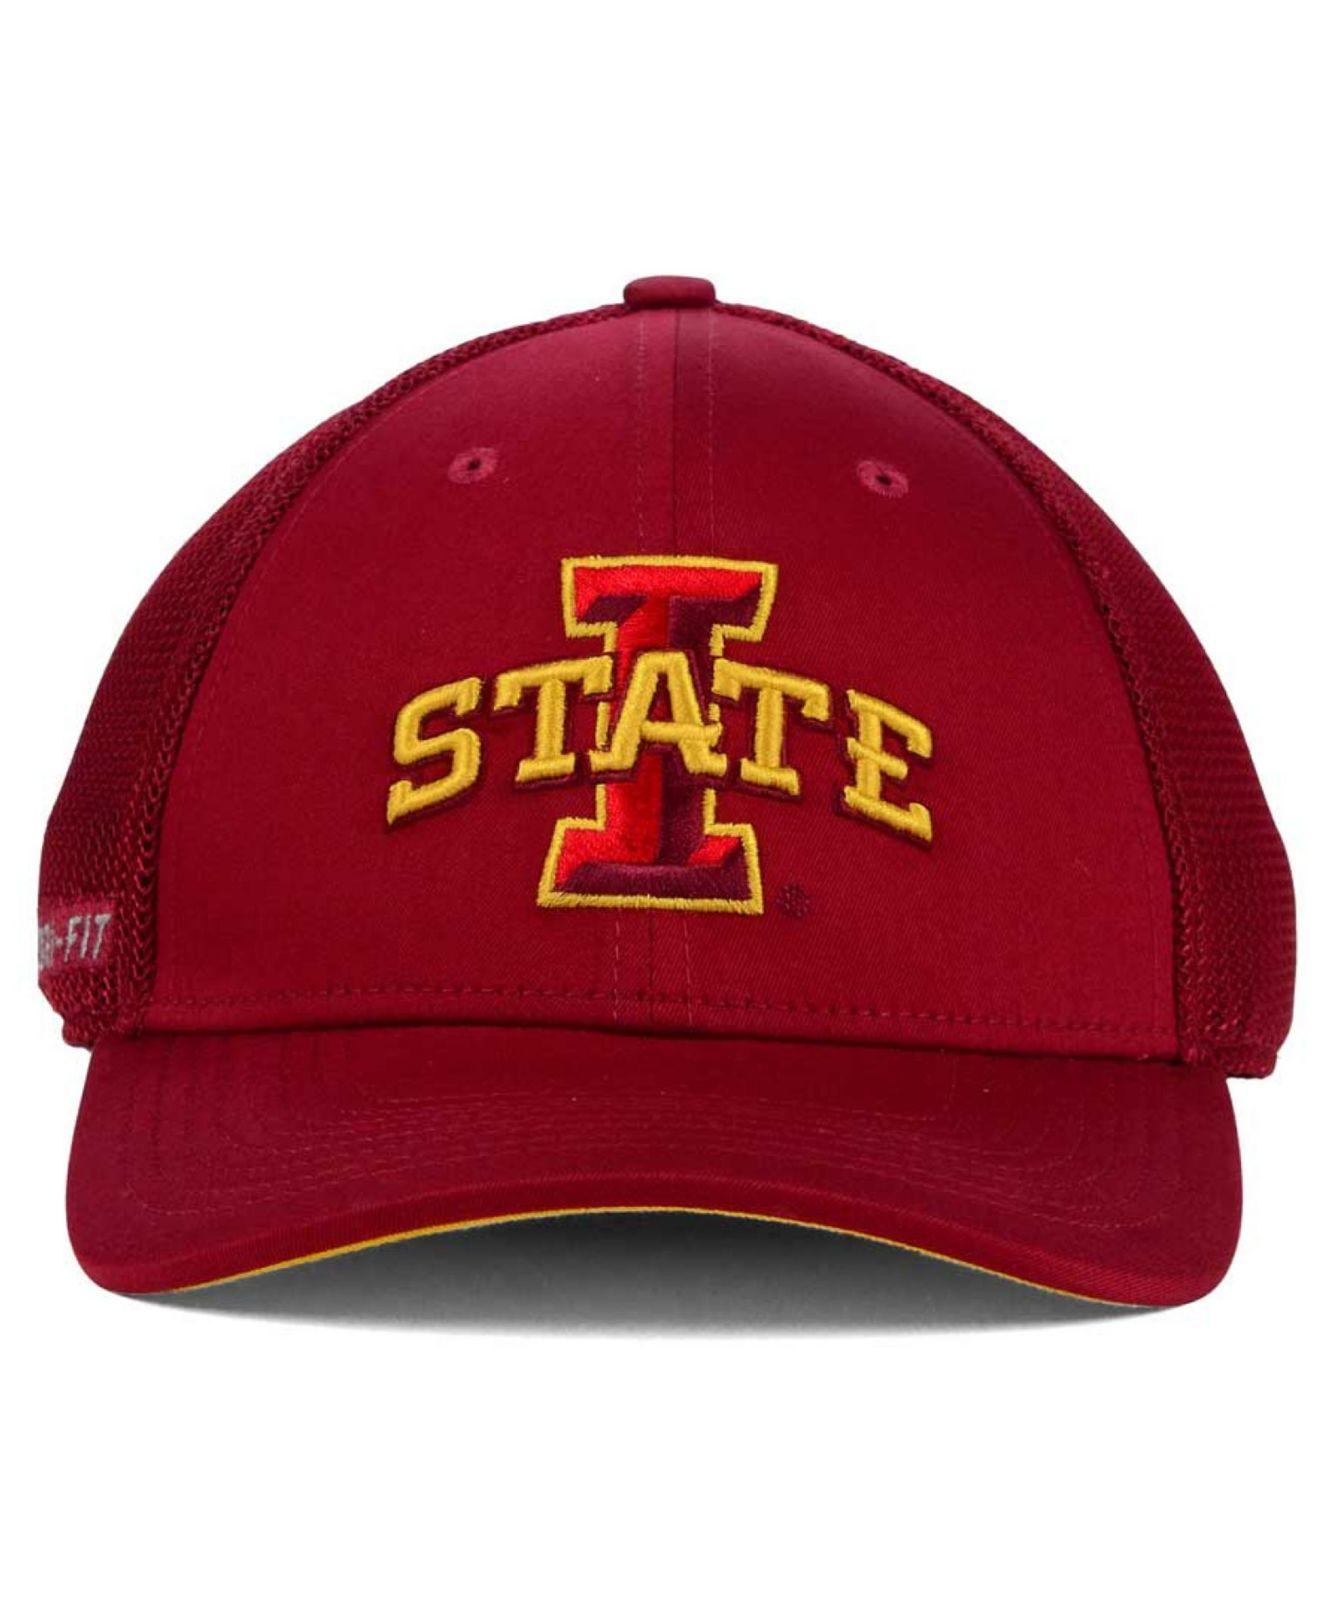 da6d44e71 top quality iowa state hat 0a8c5 4ae4d